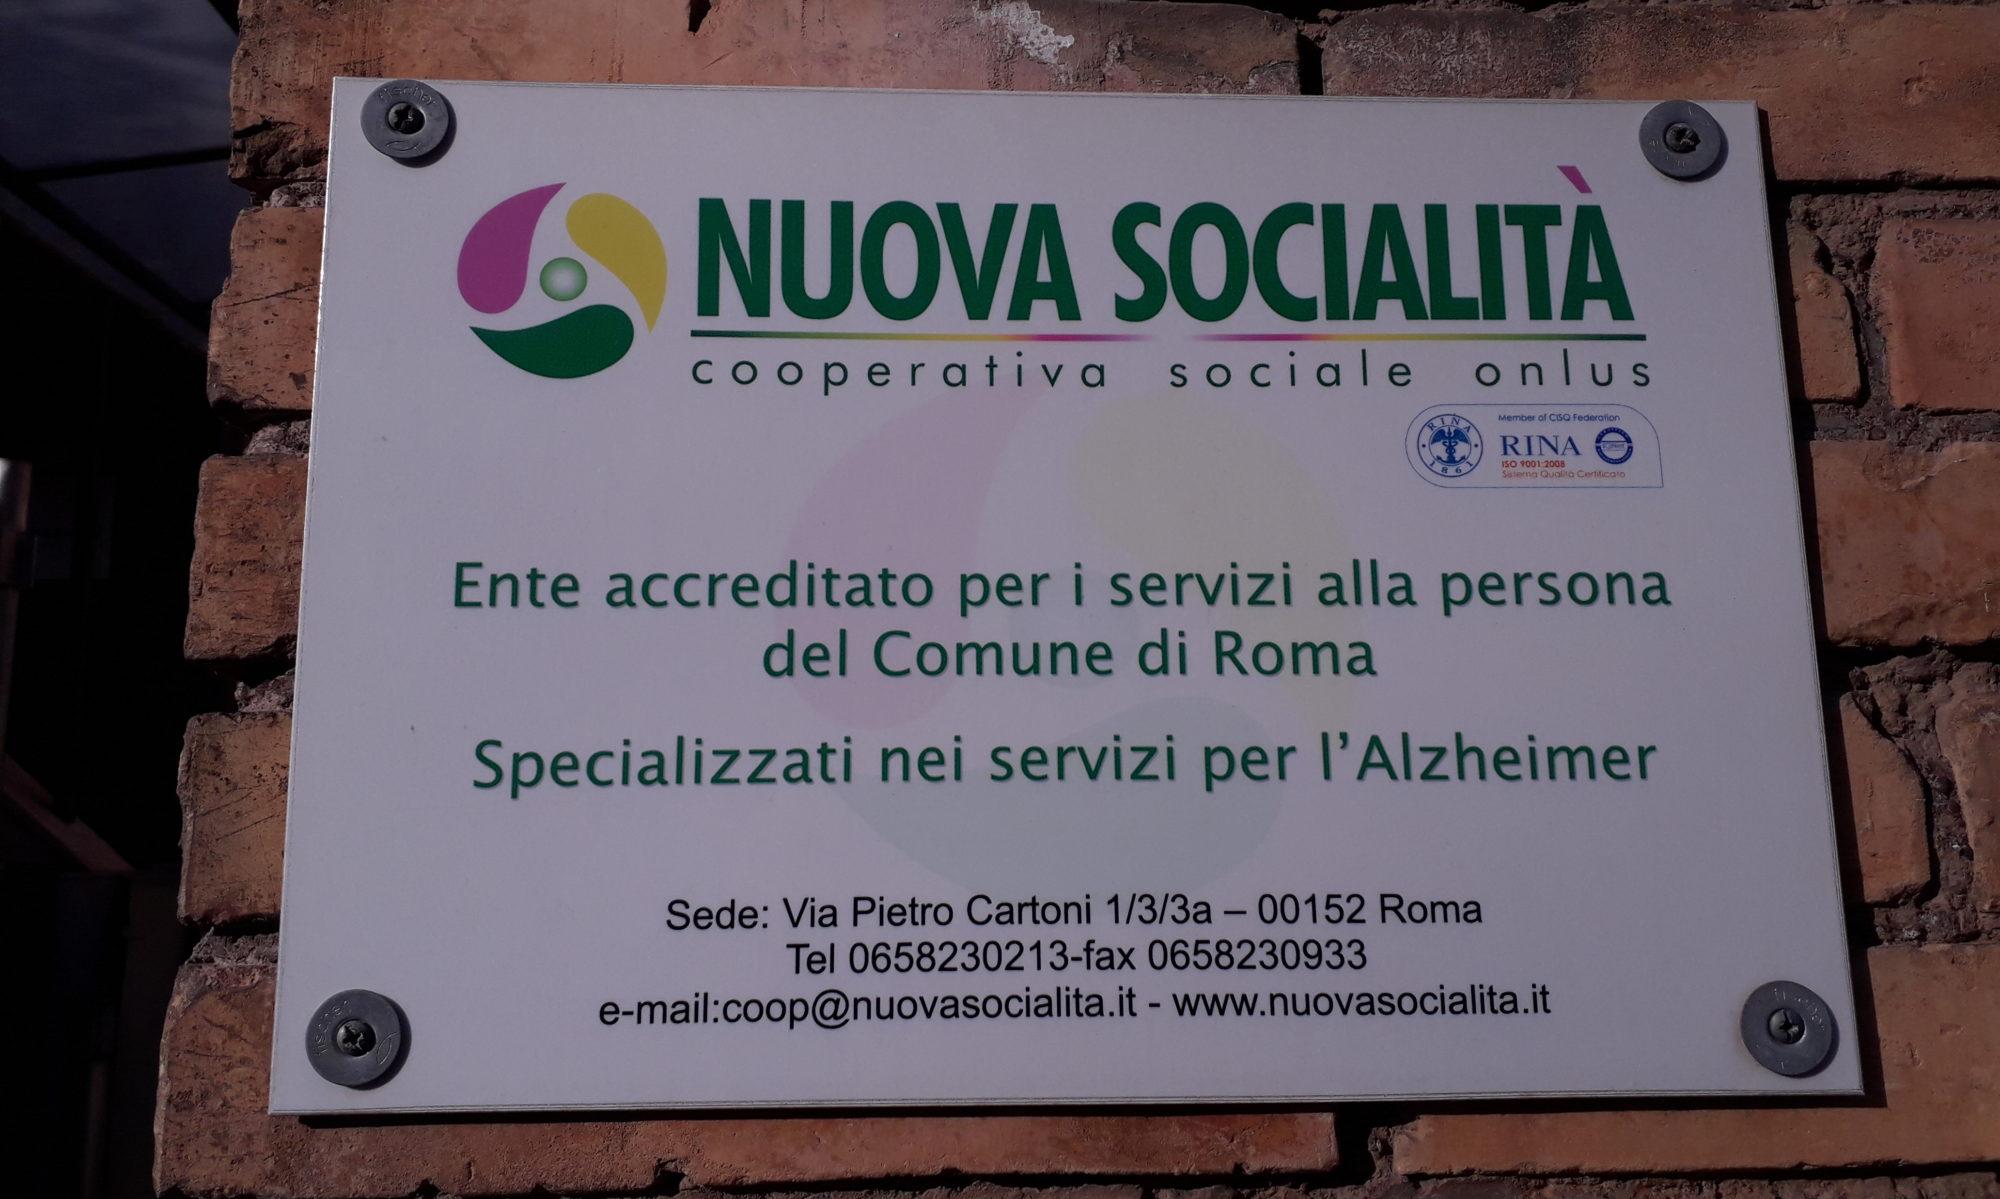 Nuova socialità